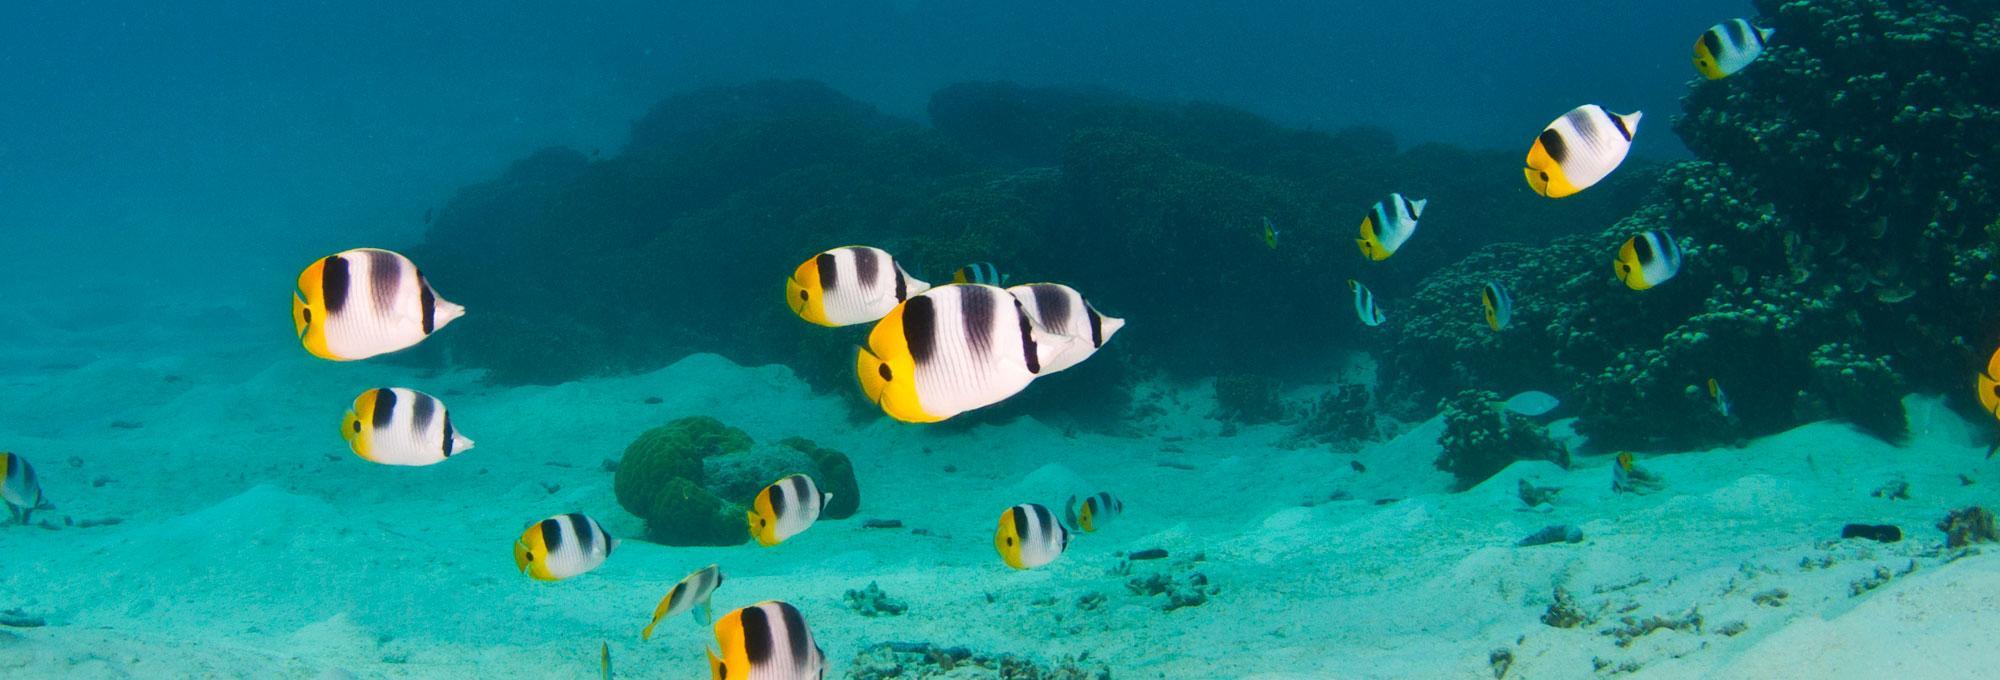 Piti Marine Preserve Image 4